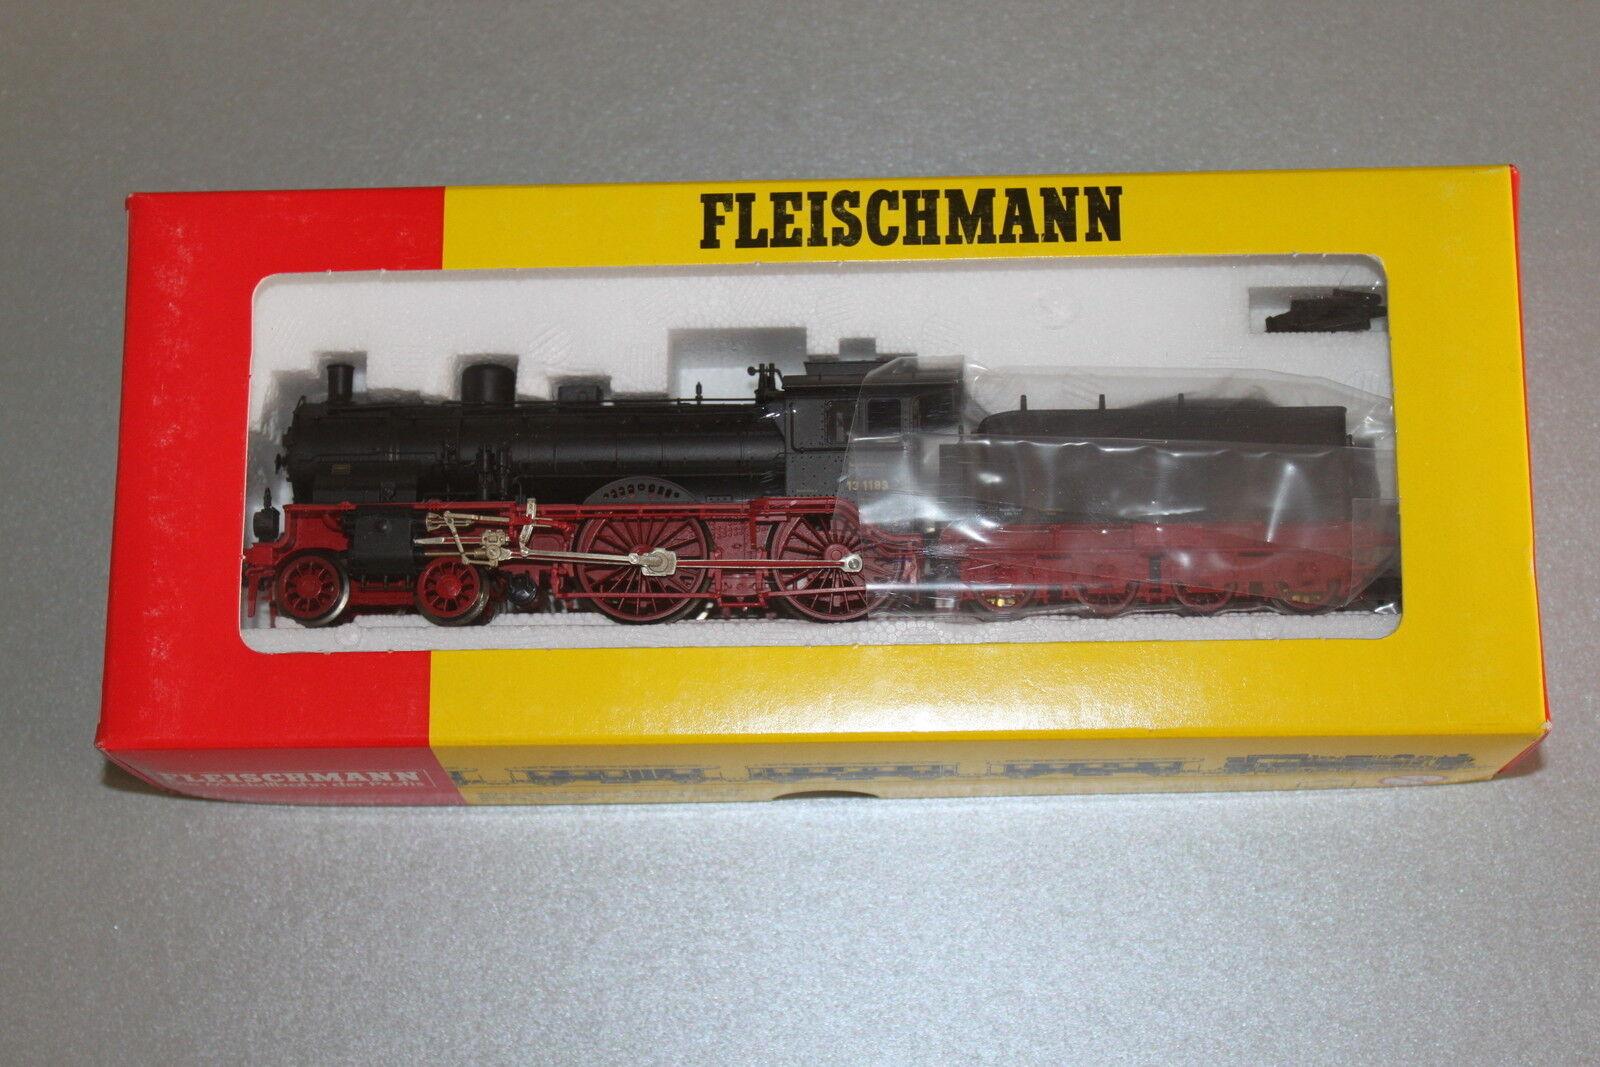 Fleischmann 1113 K máquina de vapor serie 13 1189 Imperio alemán tren pista h0 OVP